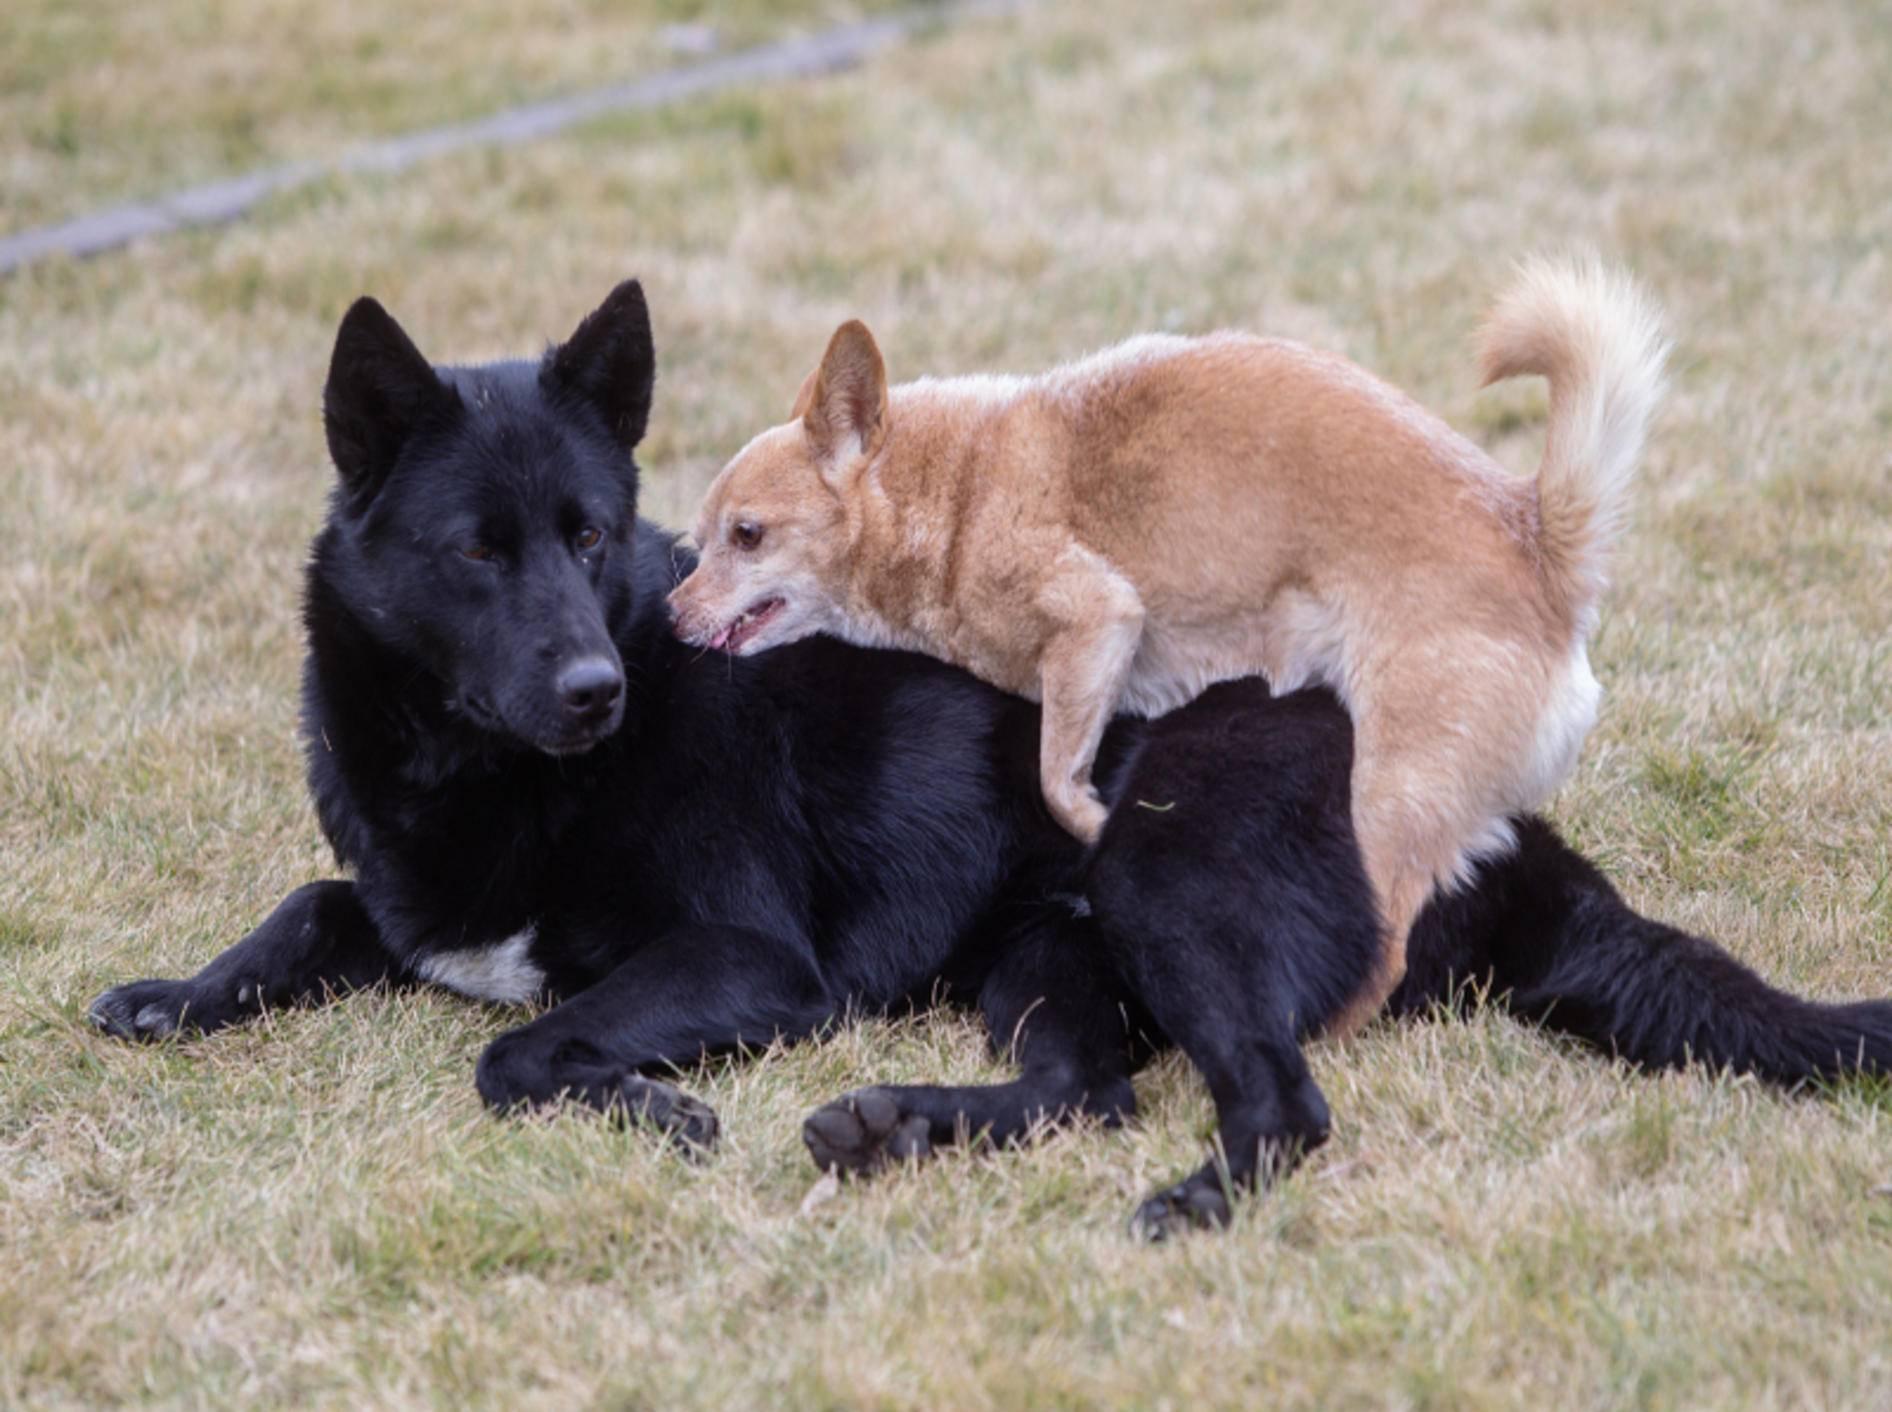 Warum wollen manche Hunde ständig aufreiten? – Shuttestock / Liukov